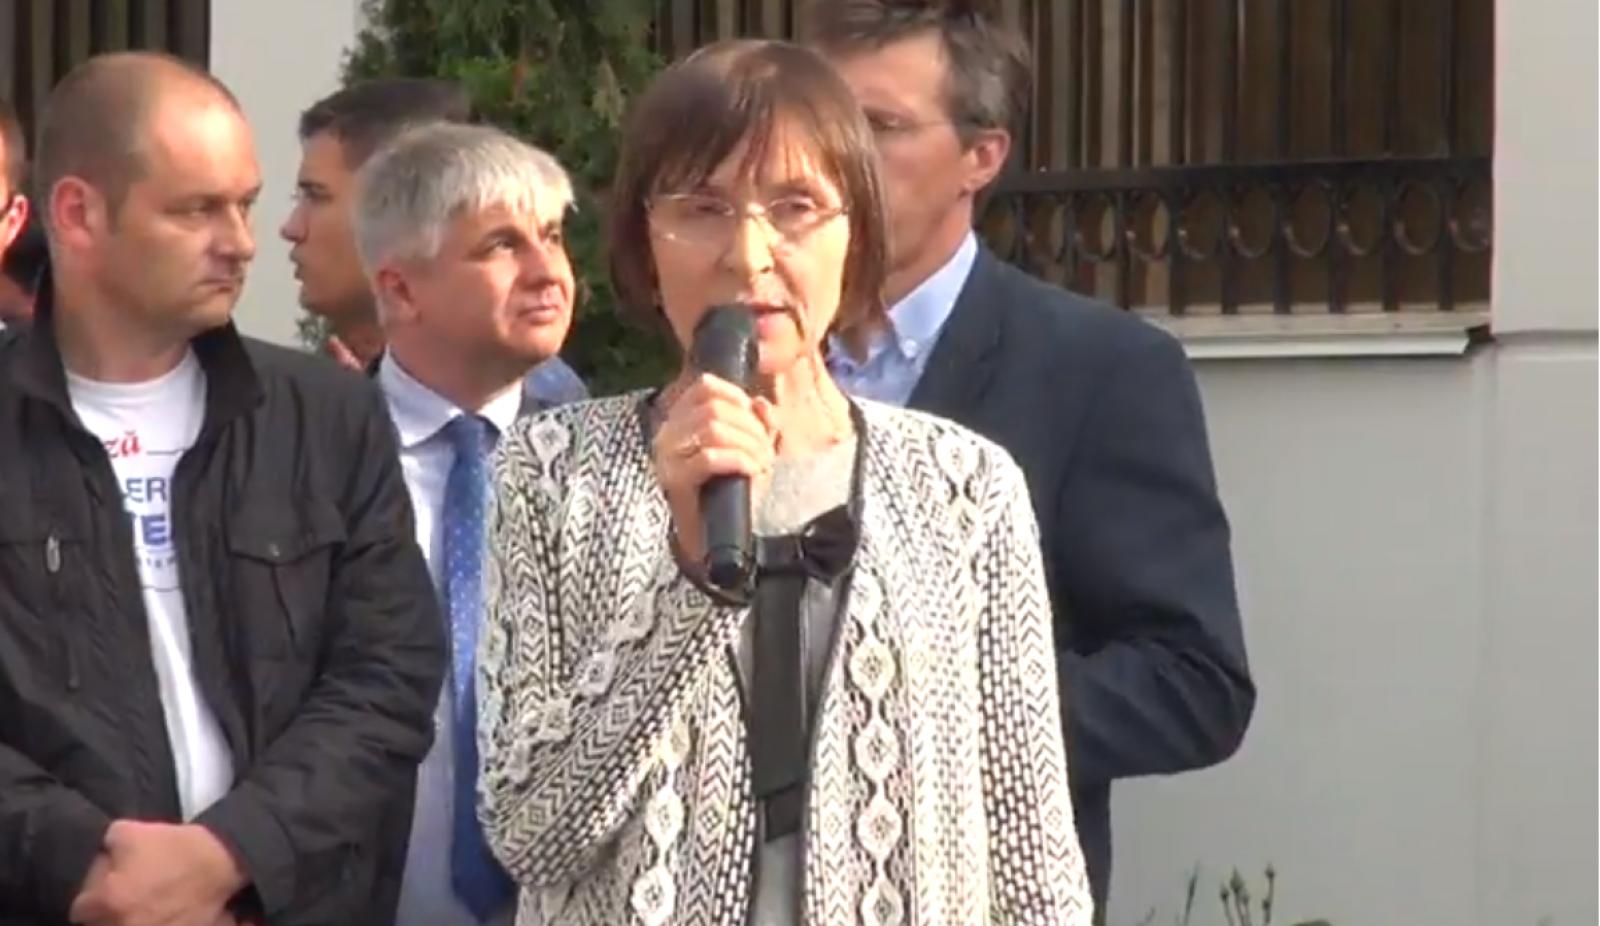 (video) Miting PL în fața ambasadei Federației Ruse: Se comemorează 206 de ani de la anexarea Basarabiei